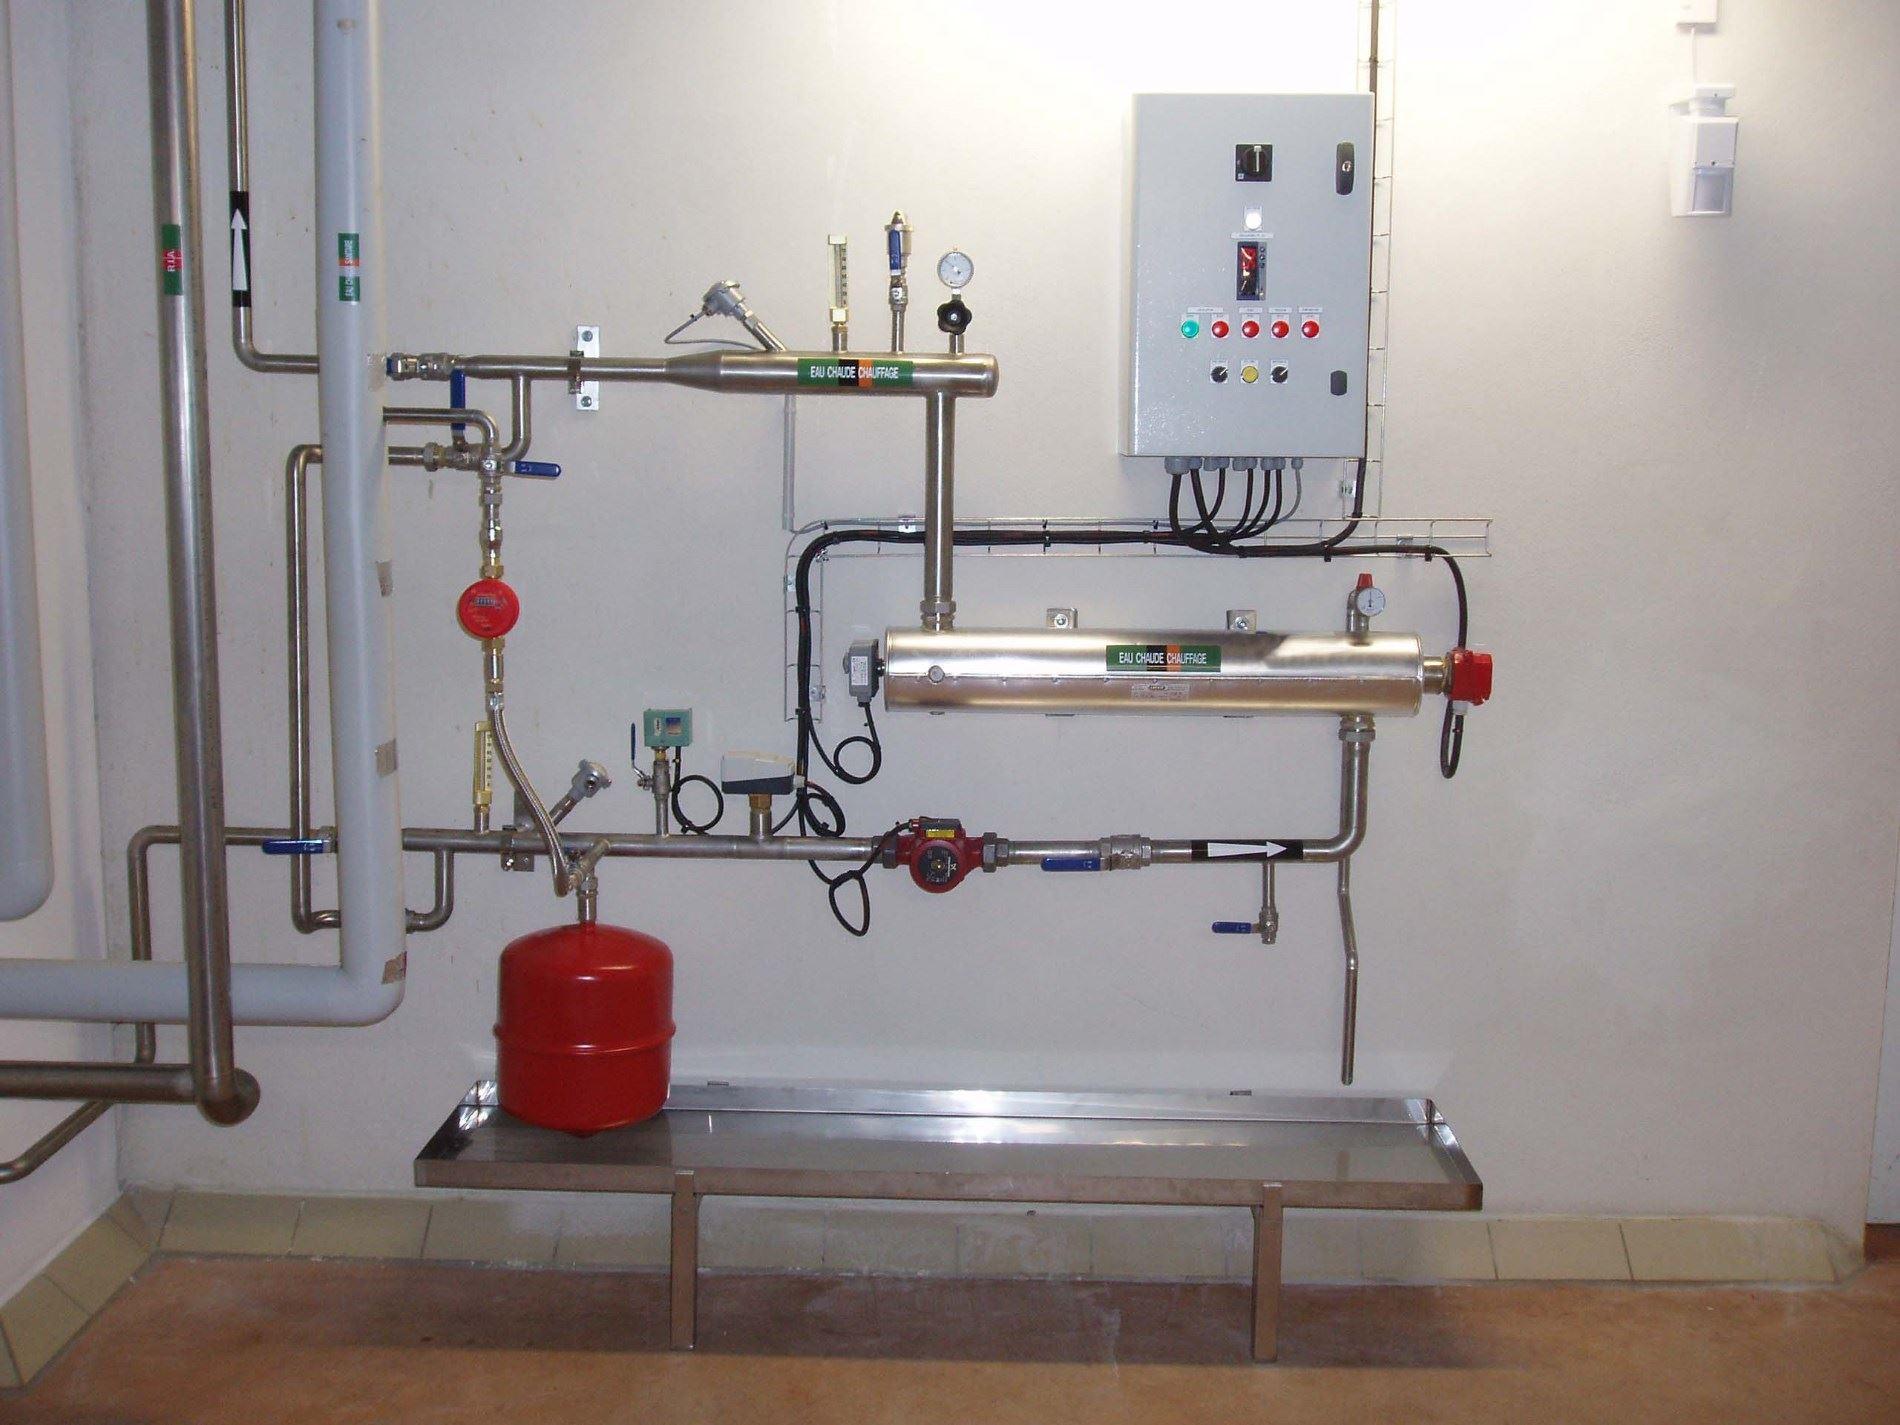 Fluides-4R